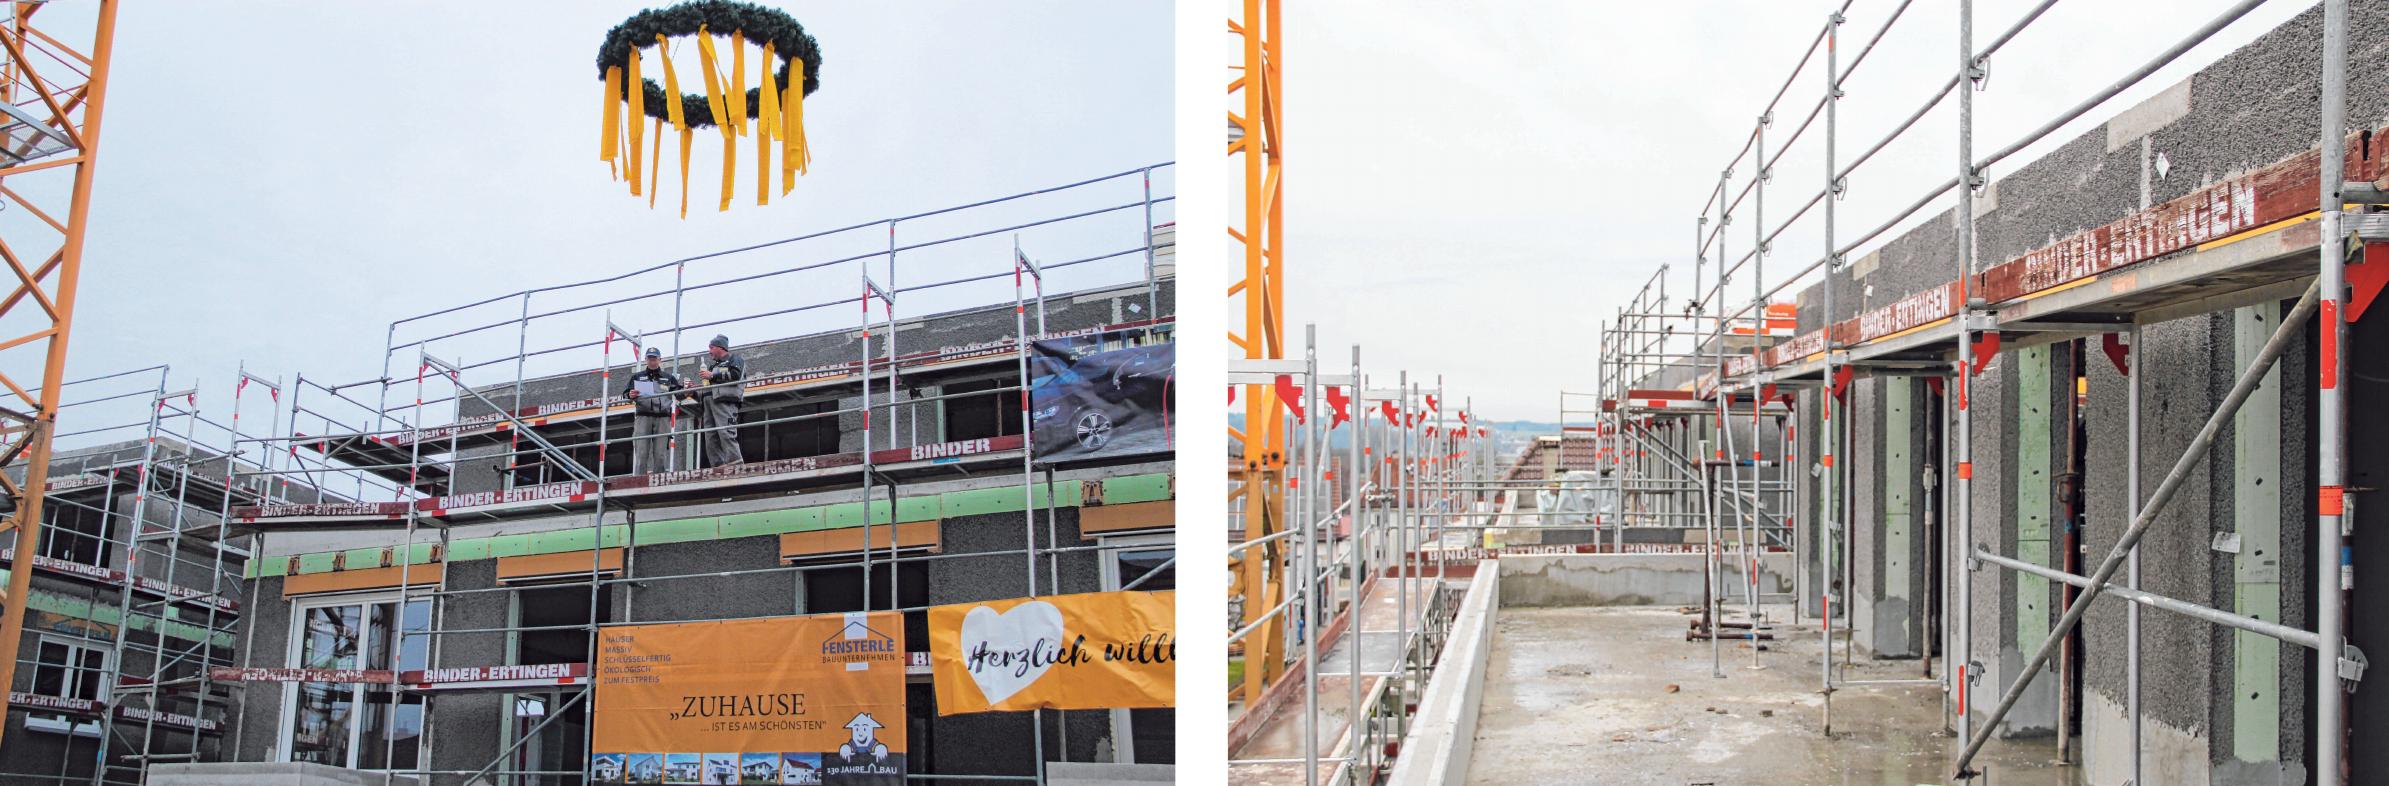 Das Richtfest wurde in der vergangenen Woche gefeiert. In südlicher Ausrichtung ist von den oberen Wohnungen der Blick ins Donautal möglich. FOTOS: MICHAEL MADER